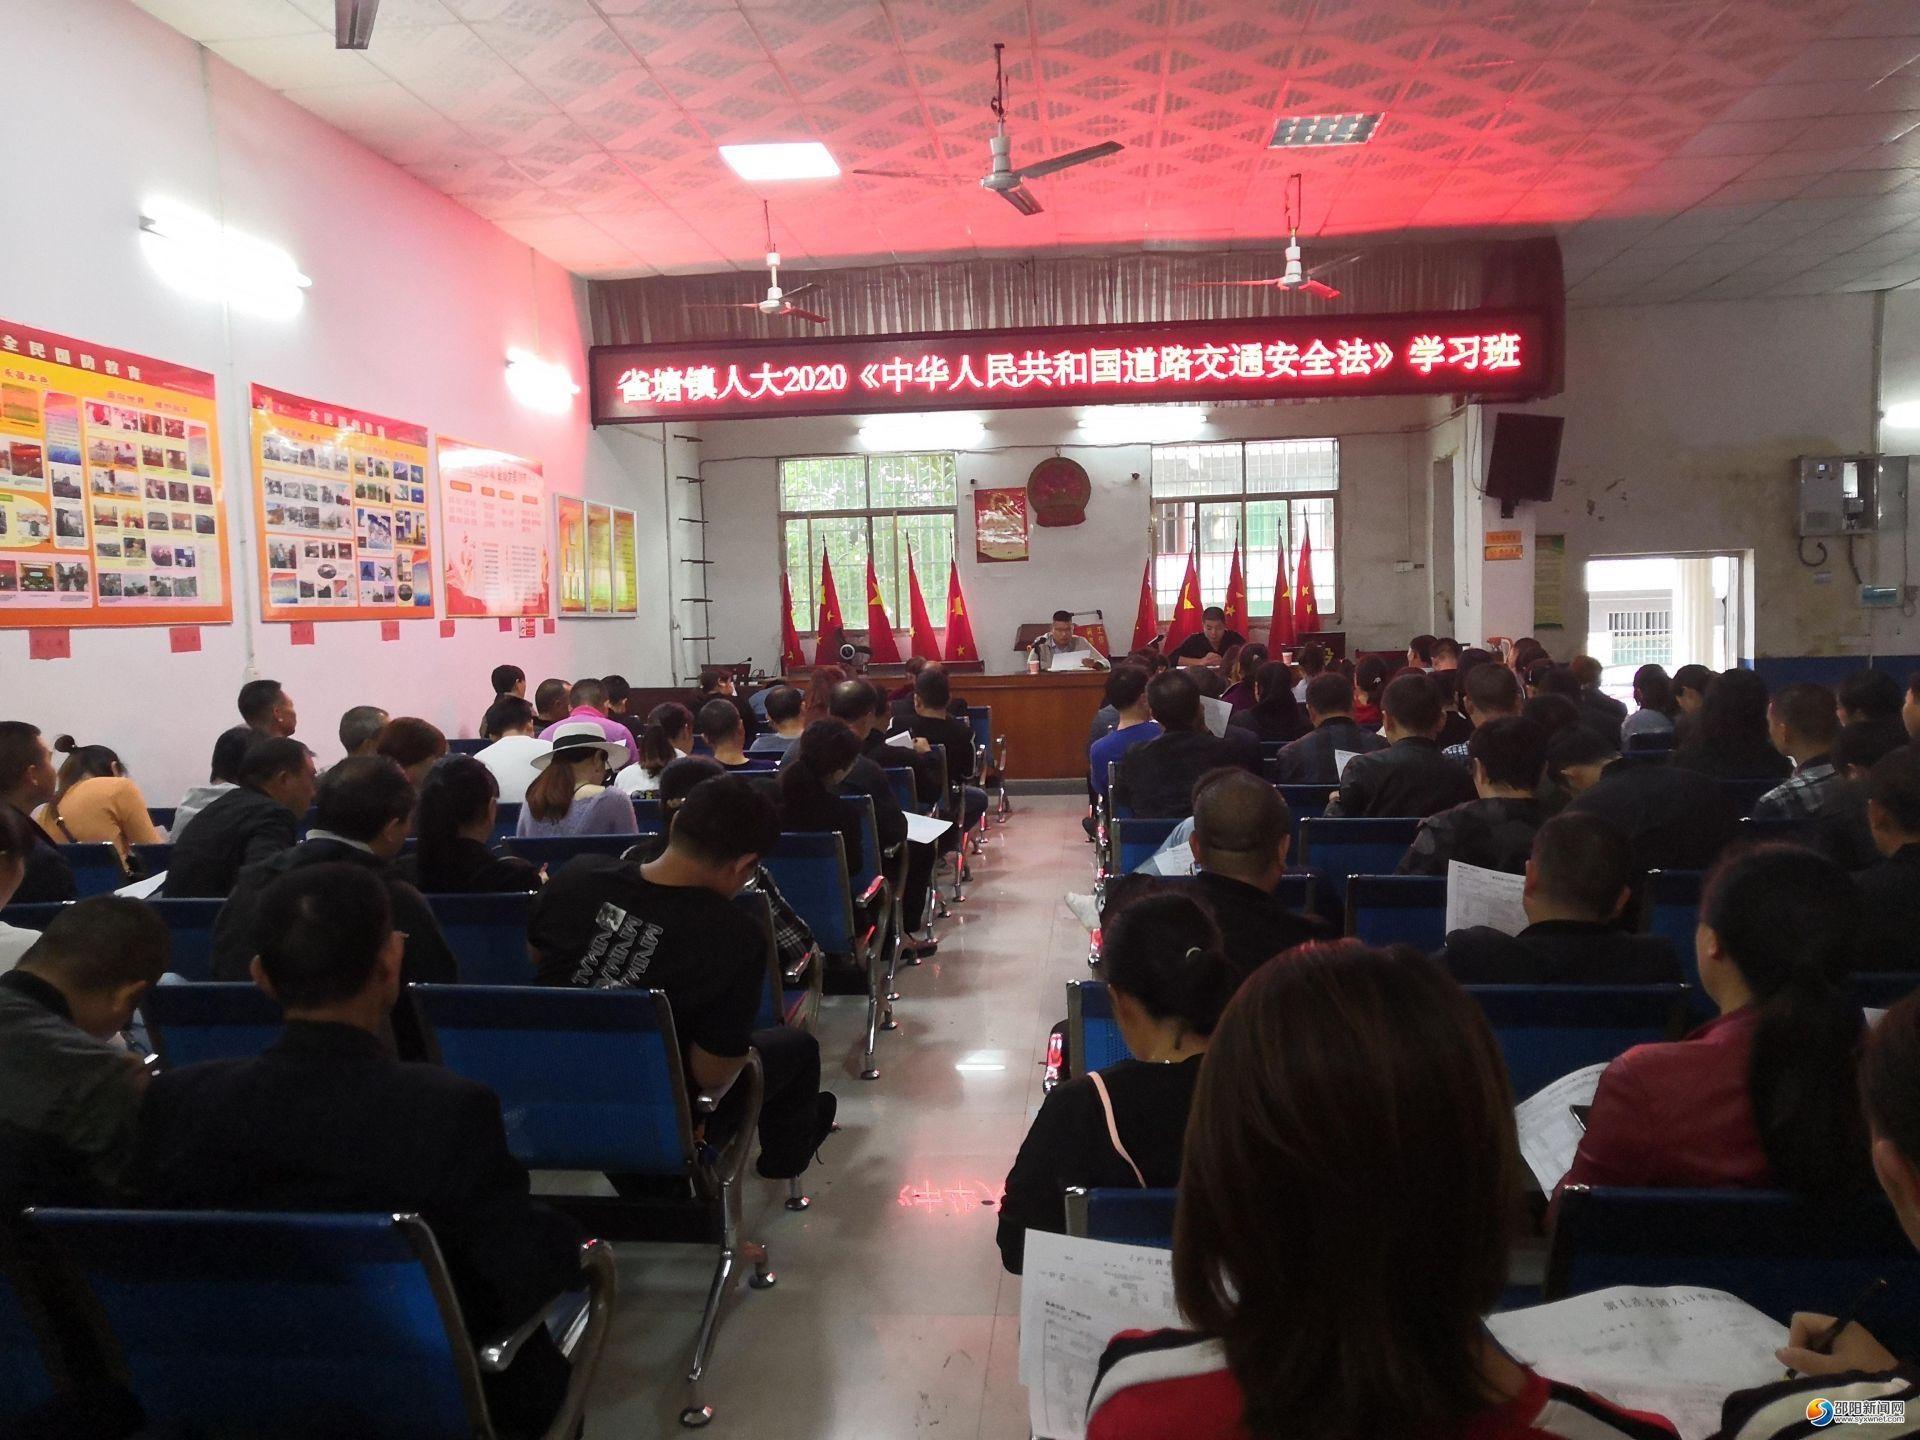 新邵县雀塘镇人大举办2020年《中华人民共和国道路交通安全法》学习班